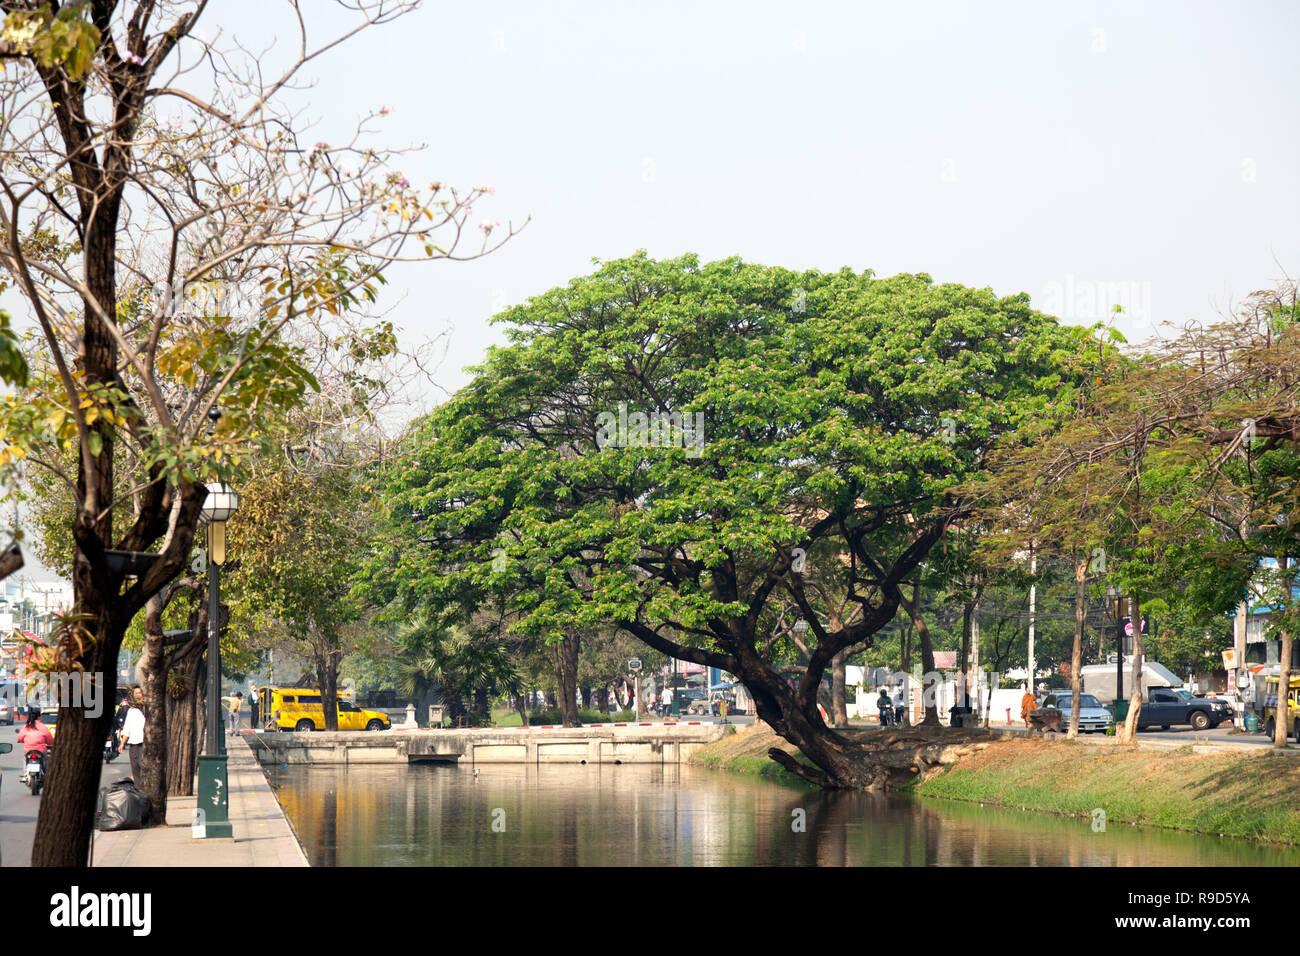 Une remarquable au milieu d'albizia arbres plantés le long de la vieille ville de Chiang Mai Chiang Mai - (nord de la Thaïlande - Asie). Photo Stock